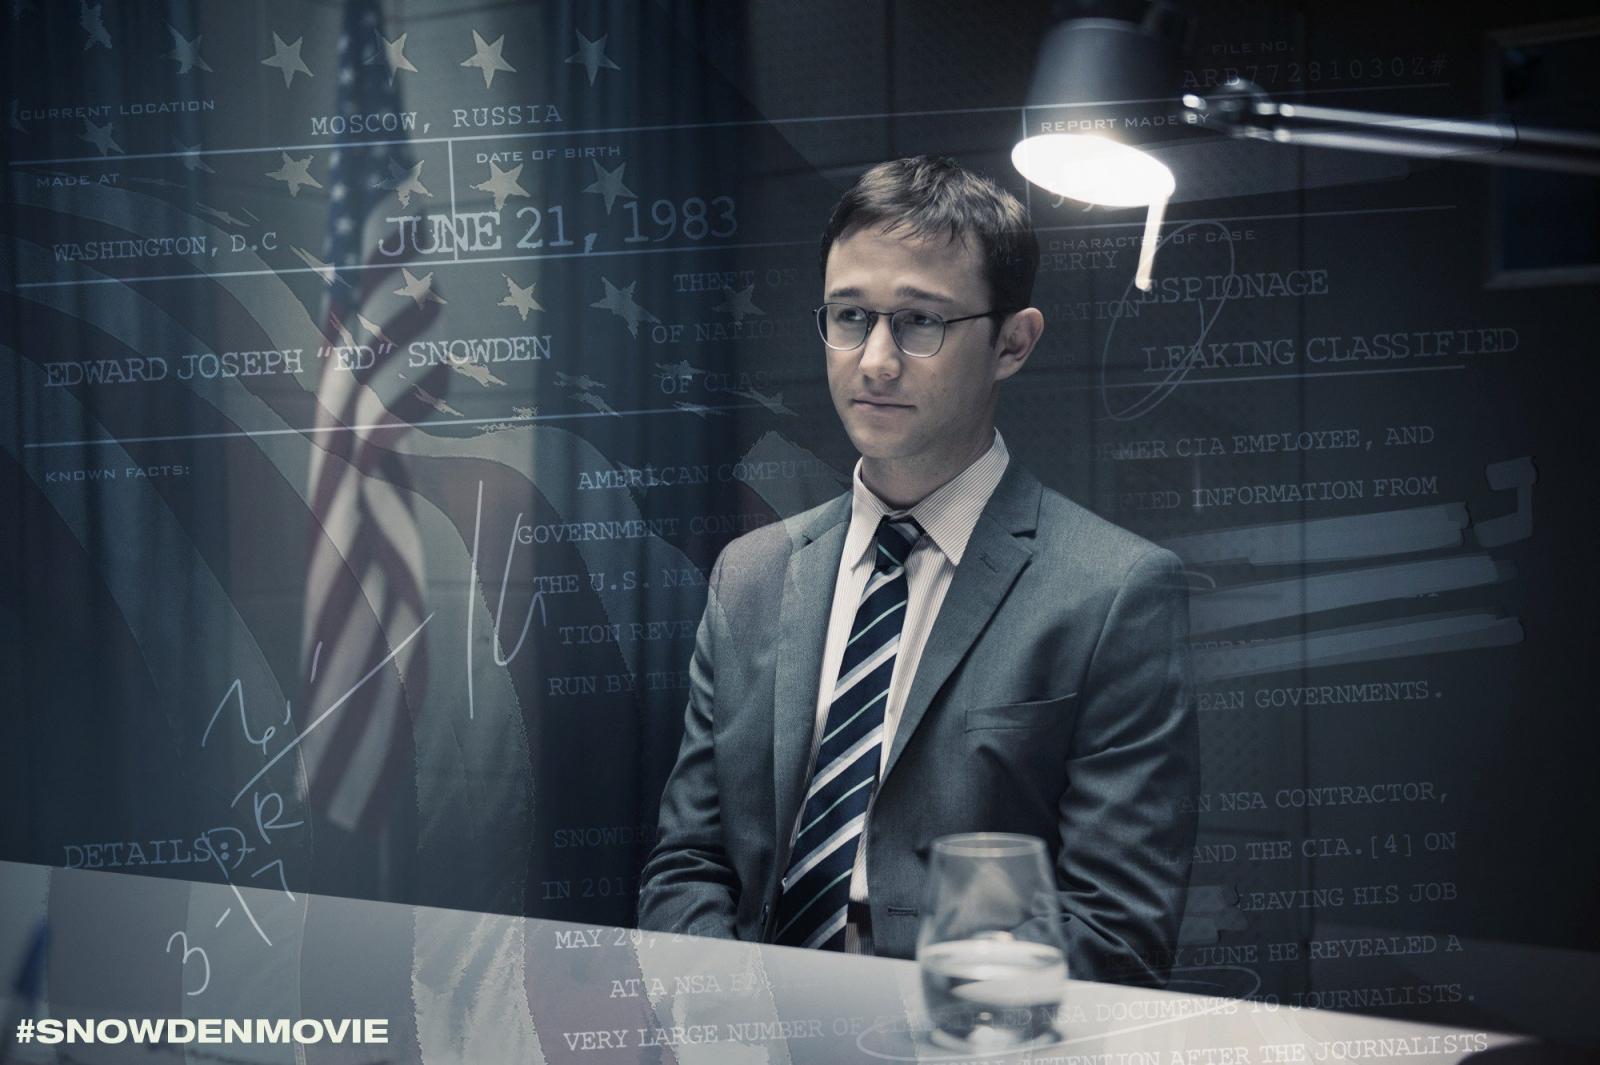 SnowdenMovie